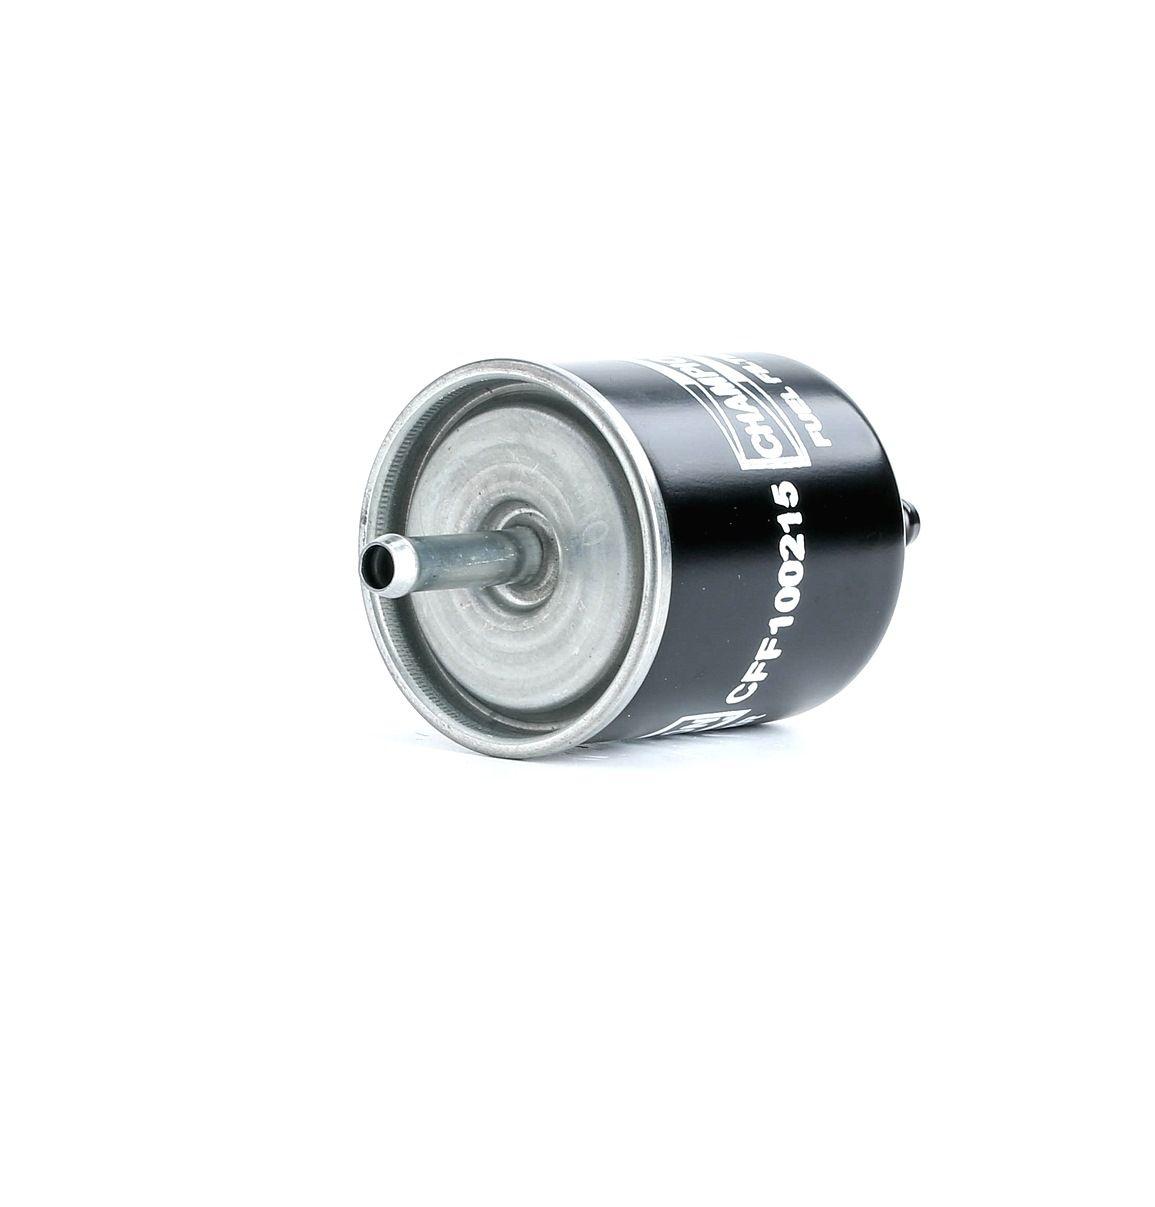 Achetez Filtre à carburant CHAMPION CFF100215 (Hauteur: 122mm) à un rapport qualité-prix exceptionnel